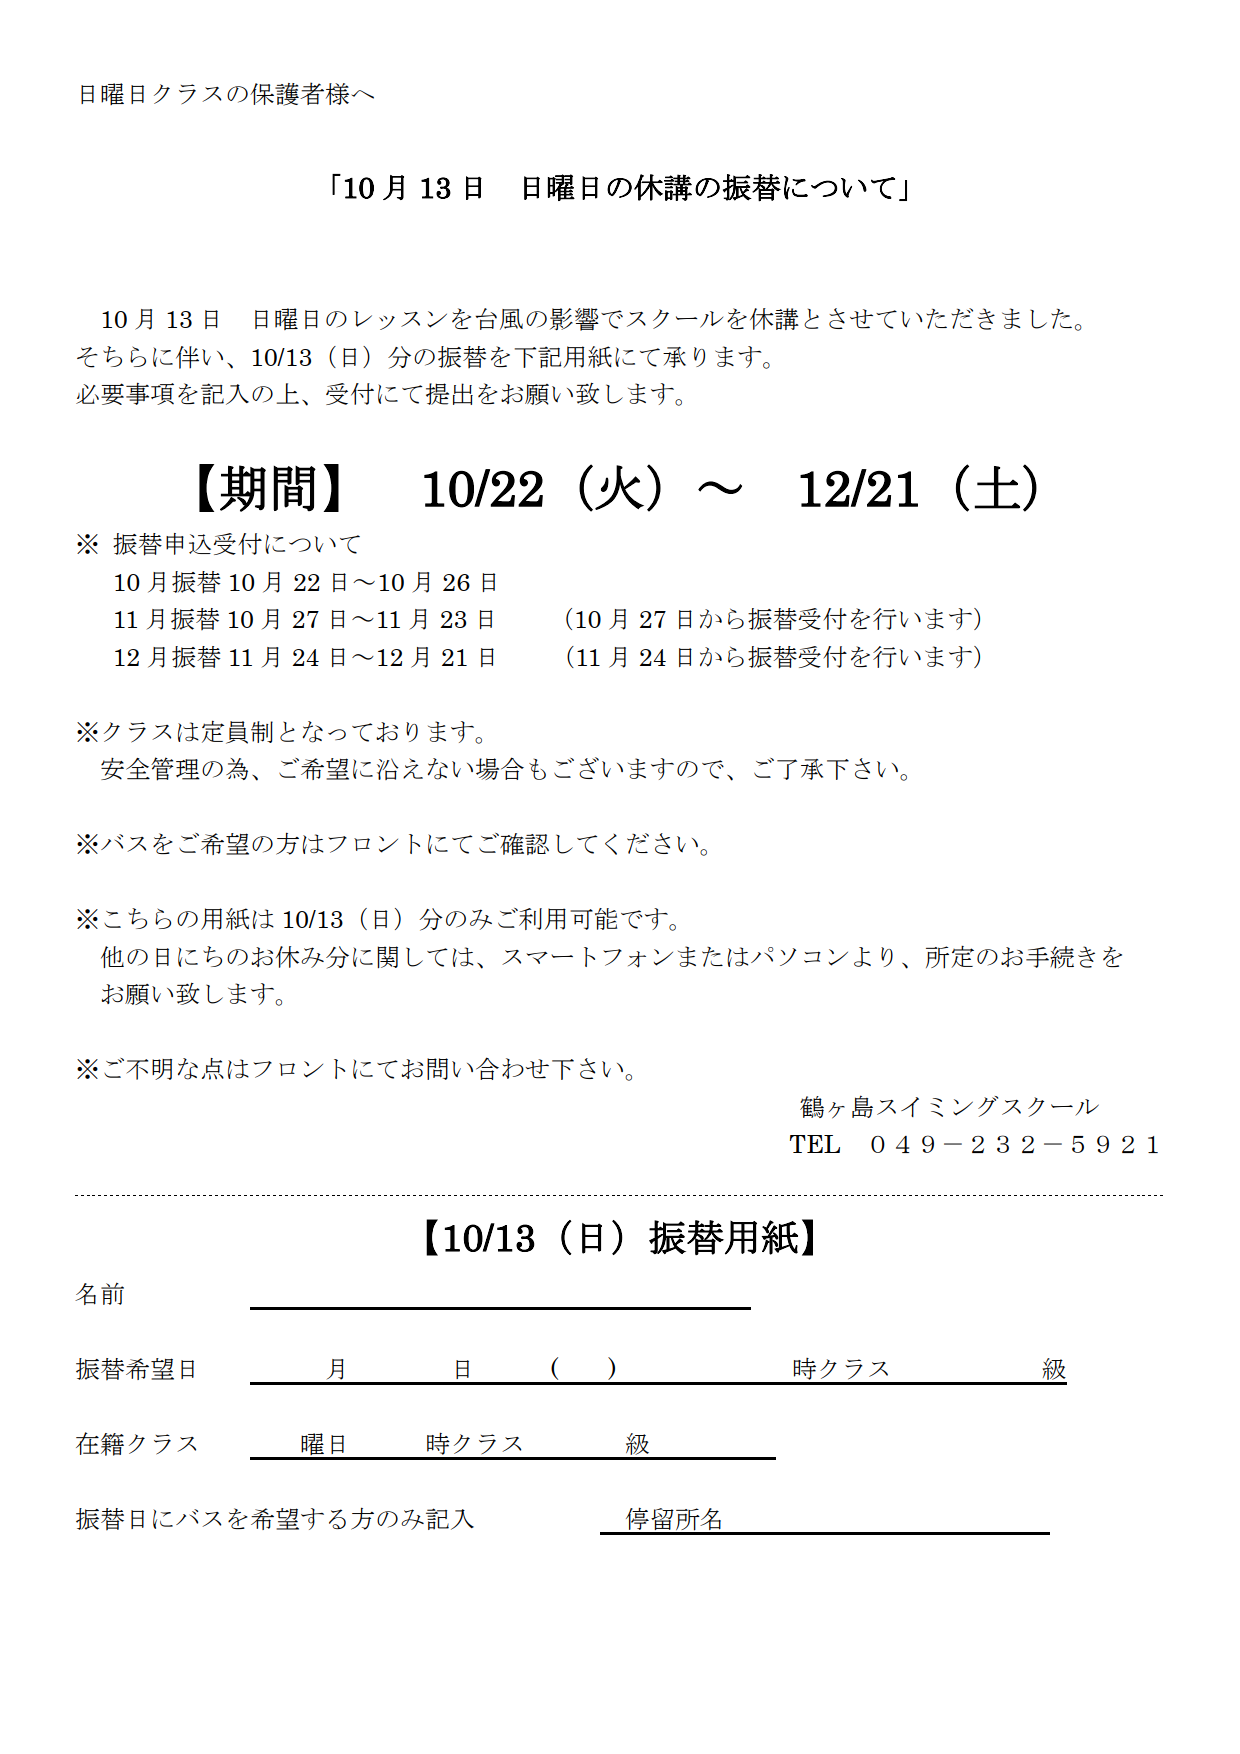 10月13日の台風による振替について